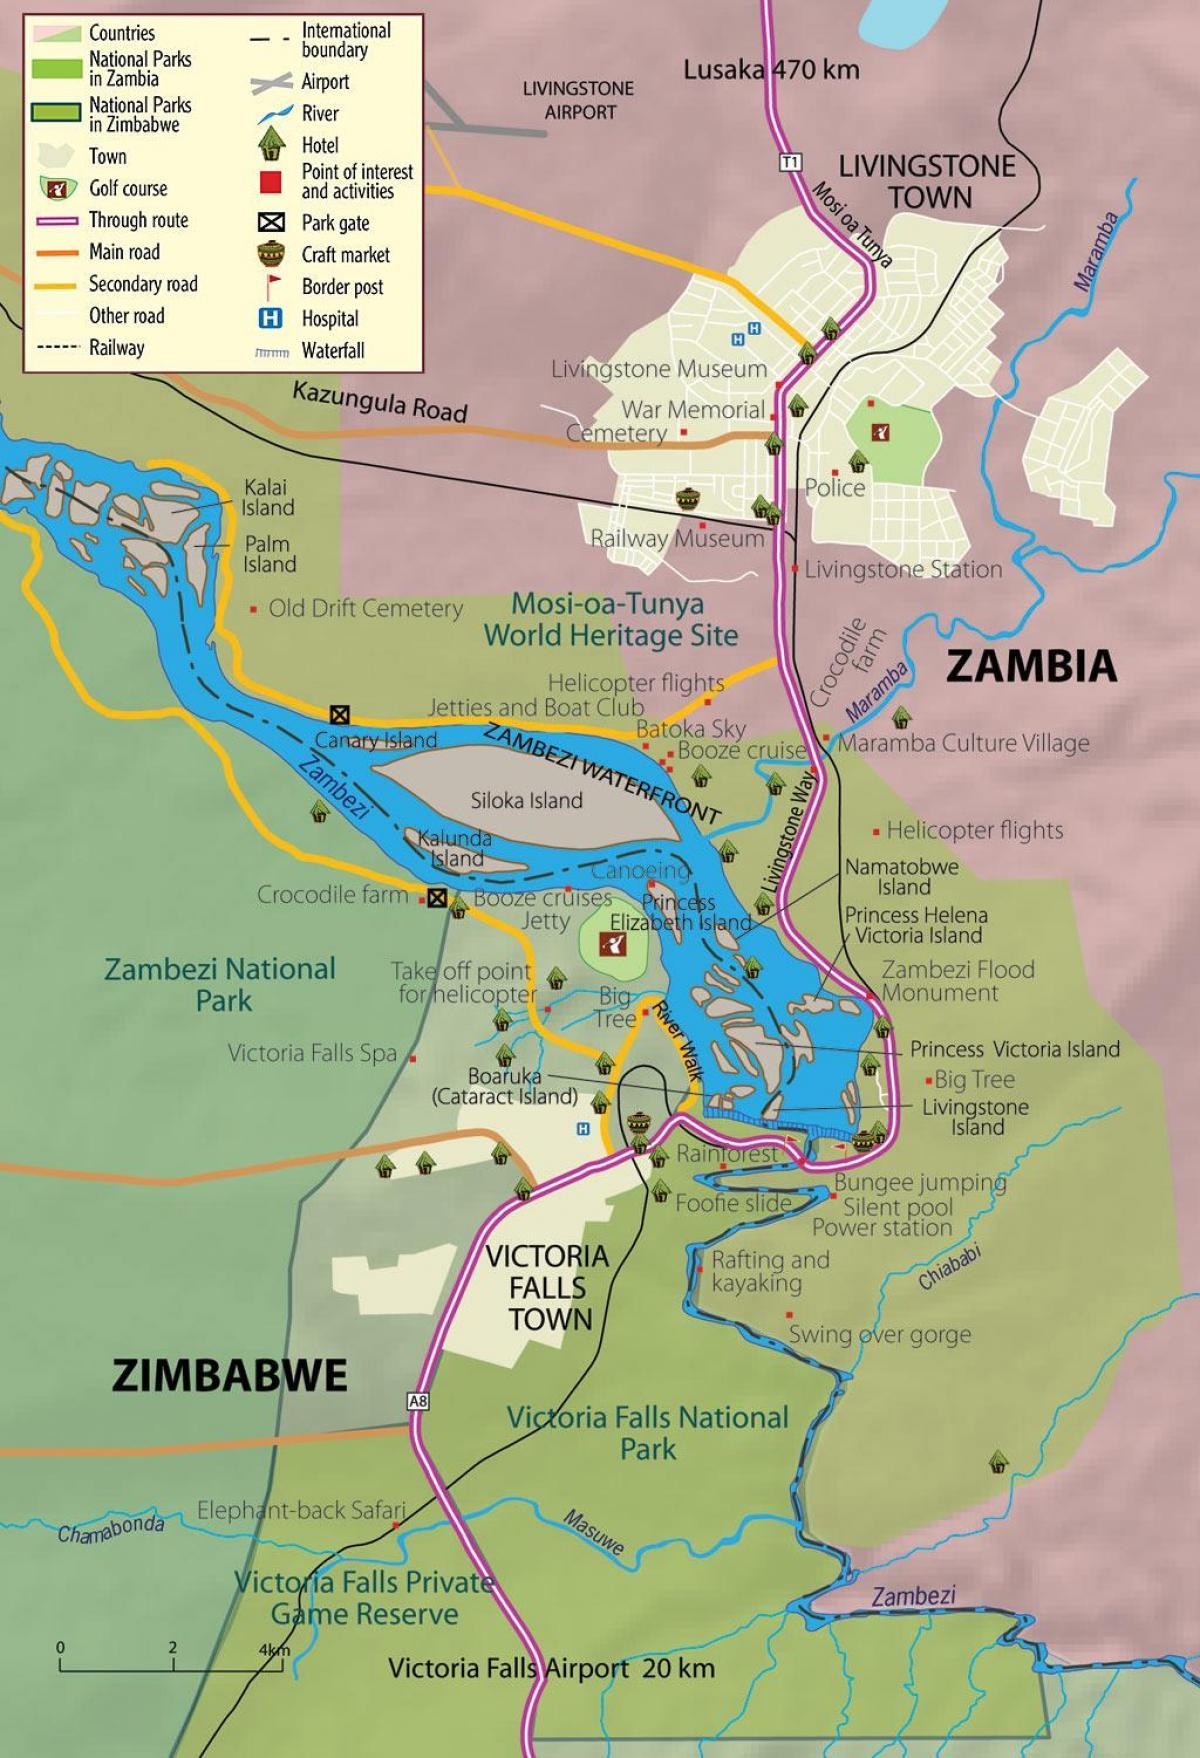 A Viktoria Vizeses Zambia Terkep Terkep A Viktoria Vizeses